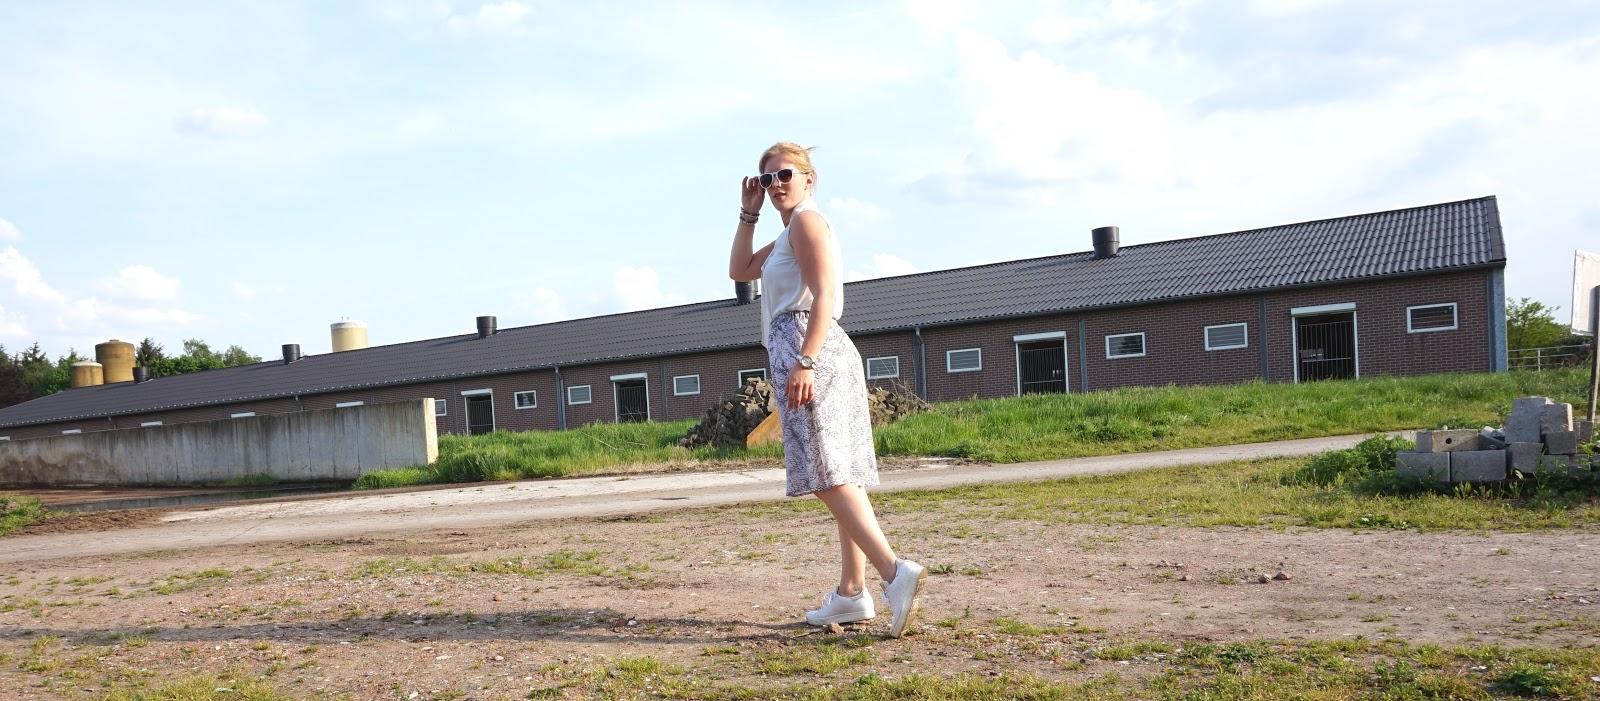 DSC06154 | Eline Van Dingenen